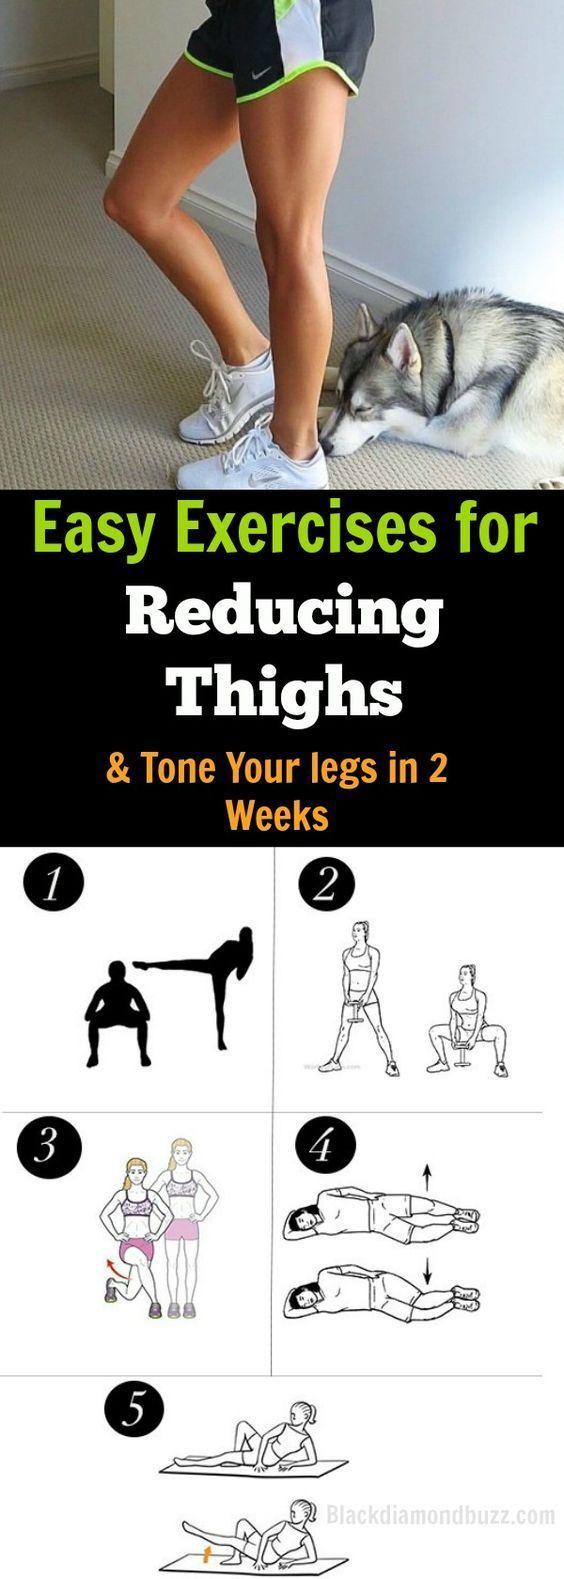 www.erodethefat.c #fitness #exercises